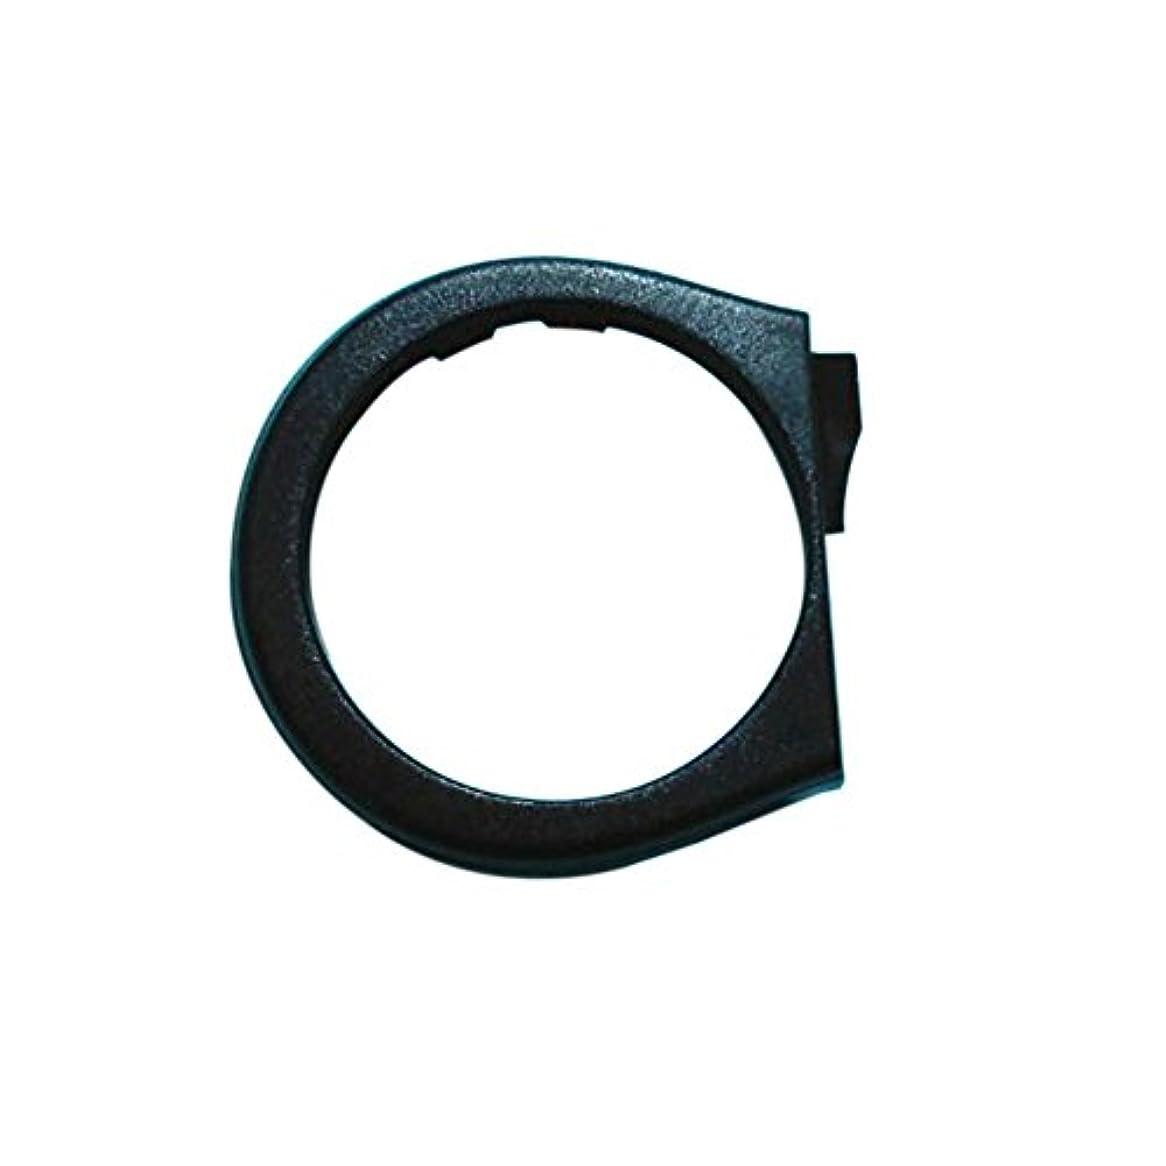 三角ビーム架空のHZjundasi Replacement シェーバー剃刀ヘッドアクセサリー Ring for Philips HQ912/914/915/916